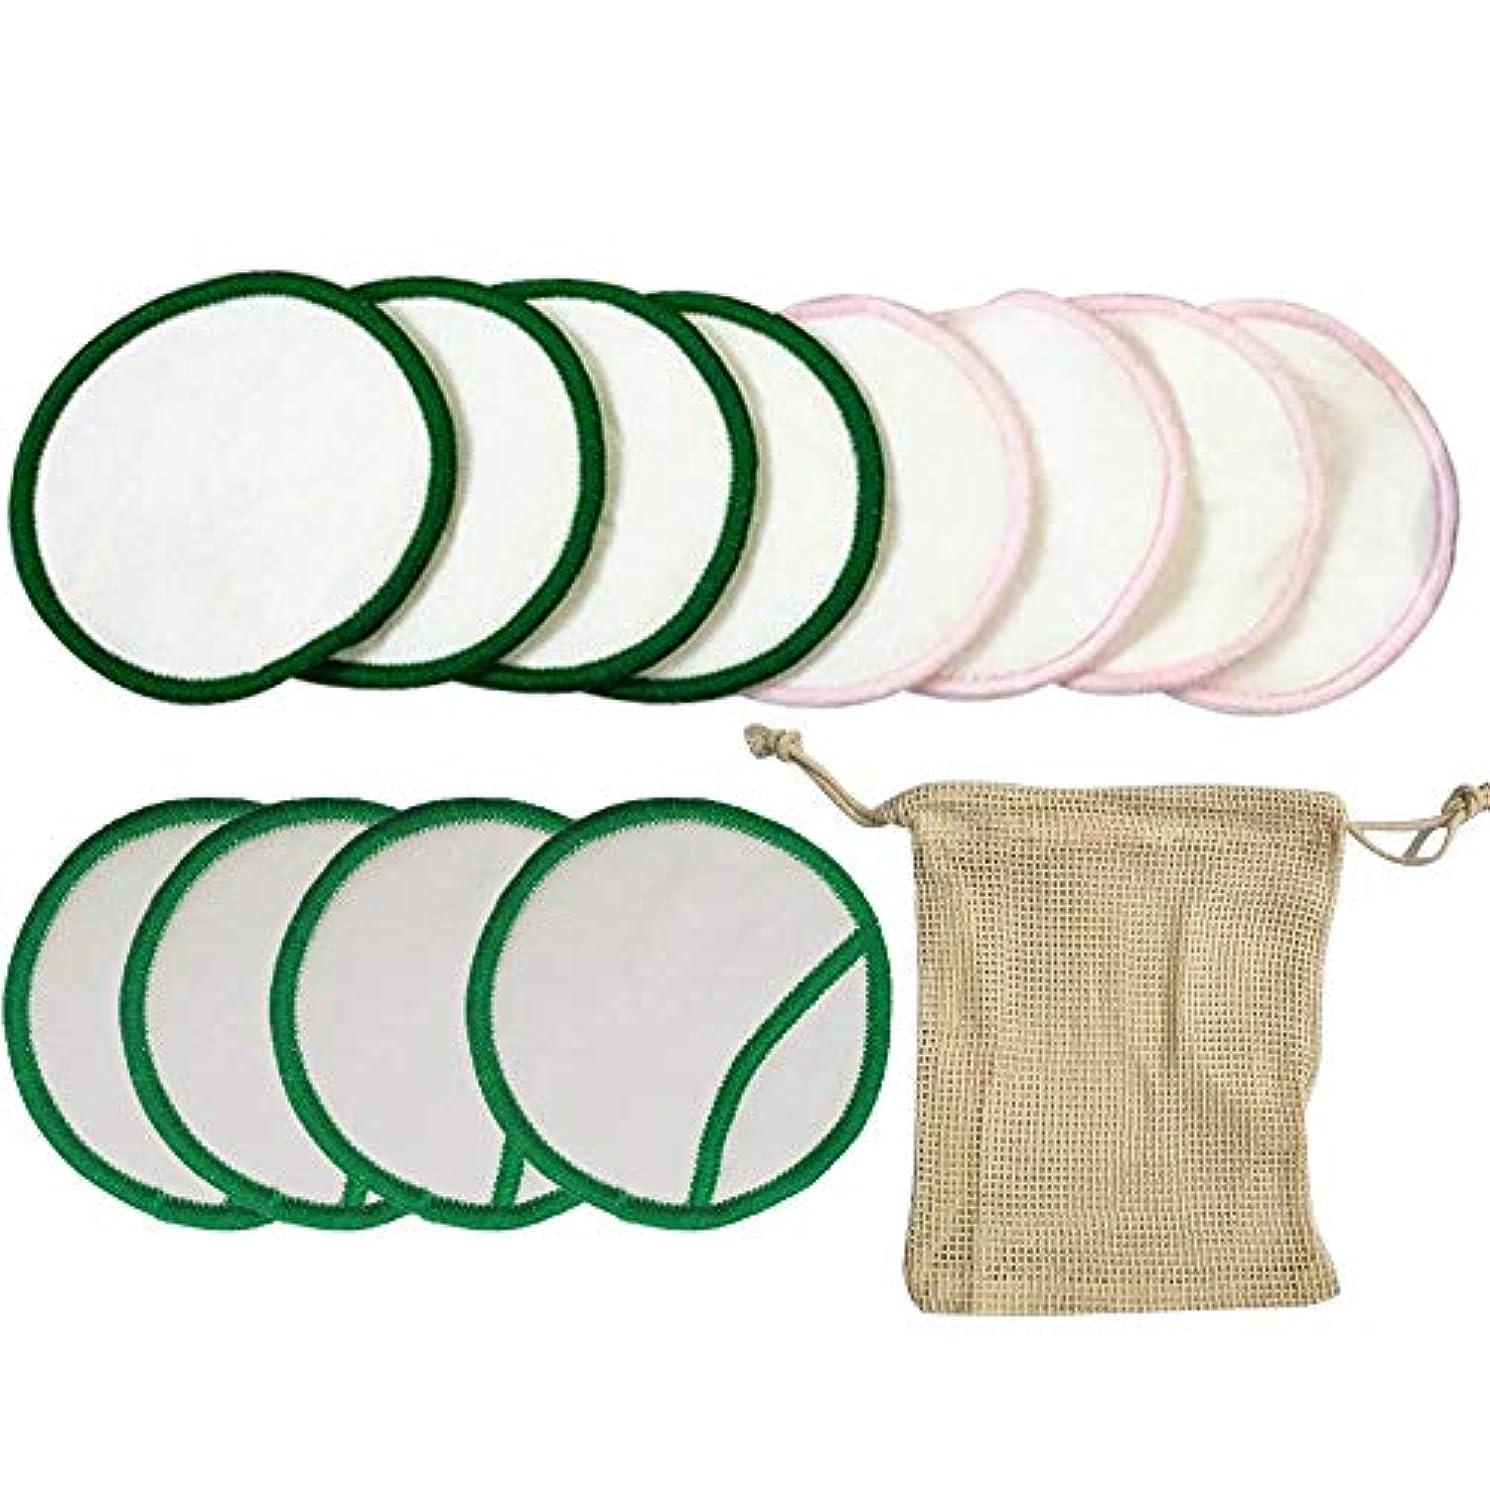 ピケタンカー気づく12pcsメイクアップリムーバーパッド再利用可能な洗濯可能な3層竹フェイシャルクレンジングコットンワイプスキンケア用品用収納バッグ付き